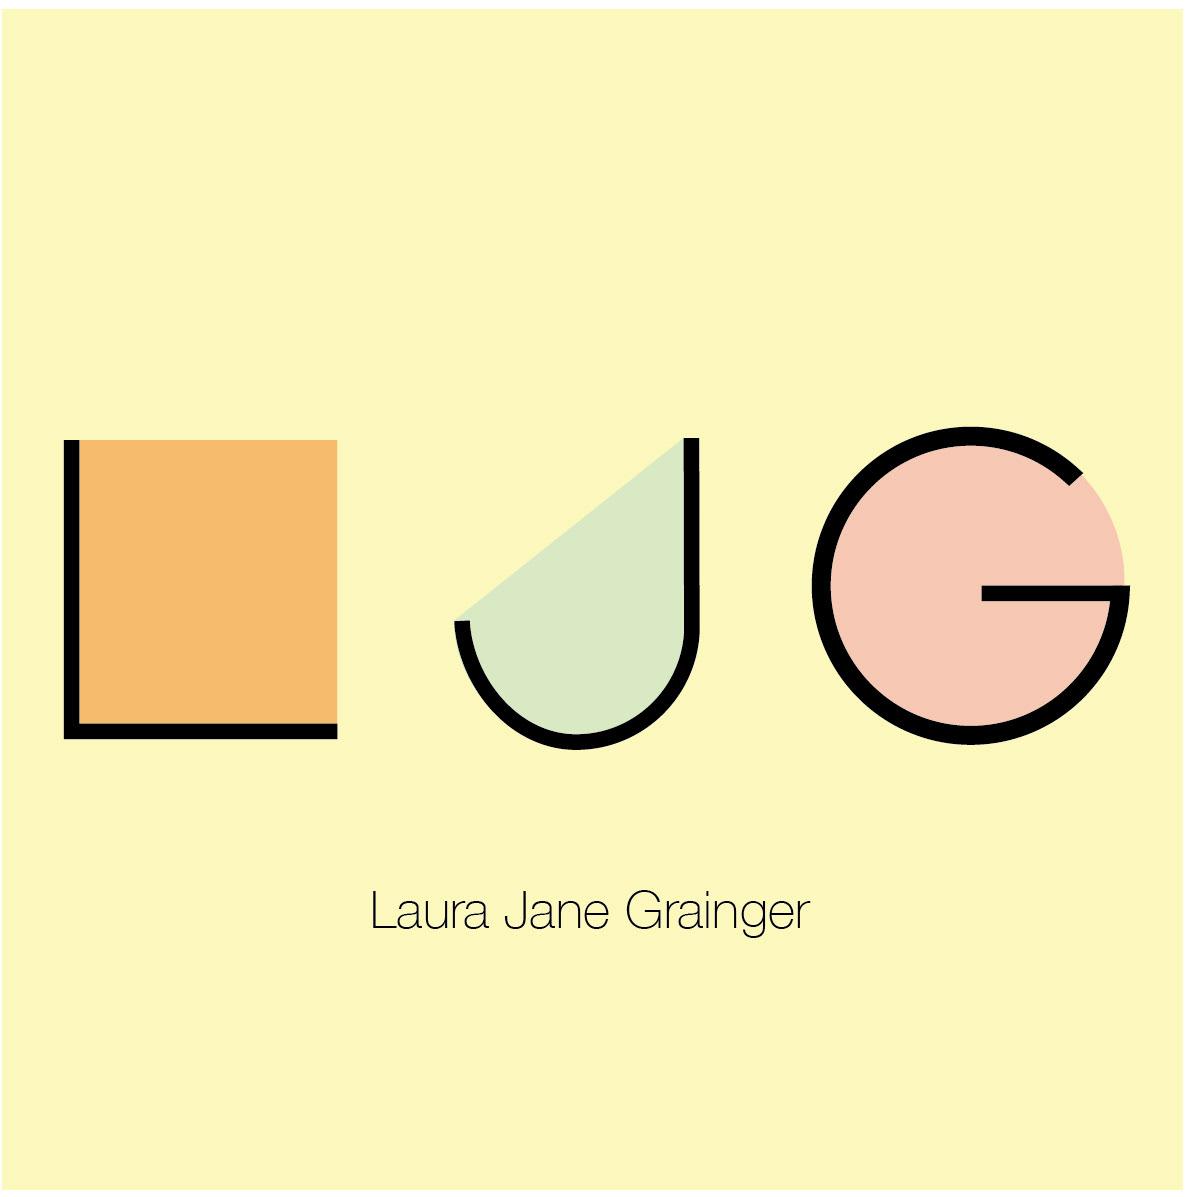 LauraJane Grainger